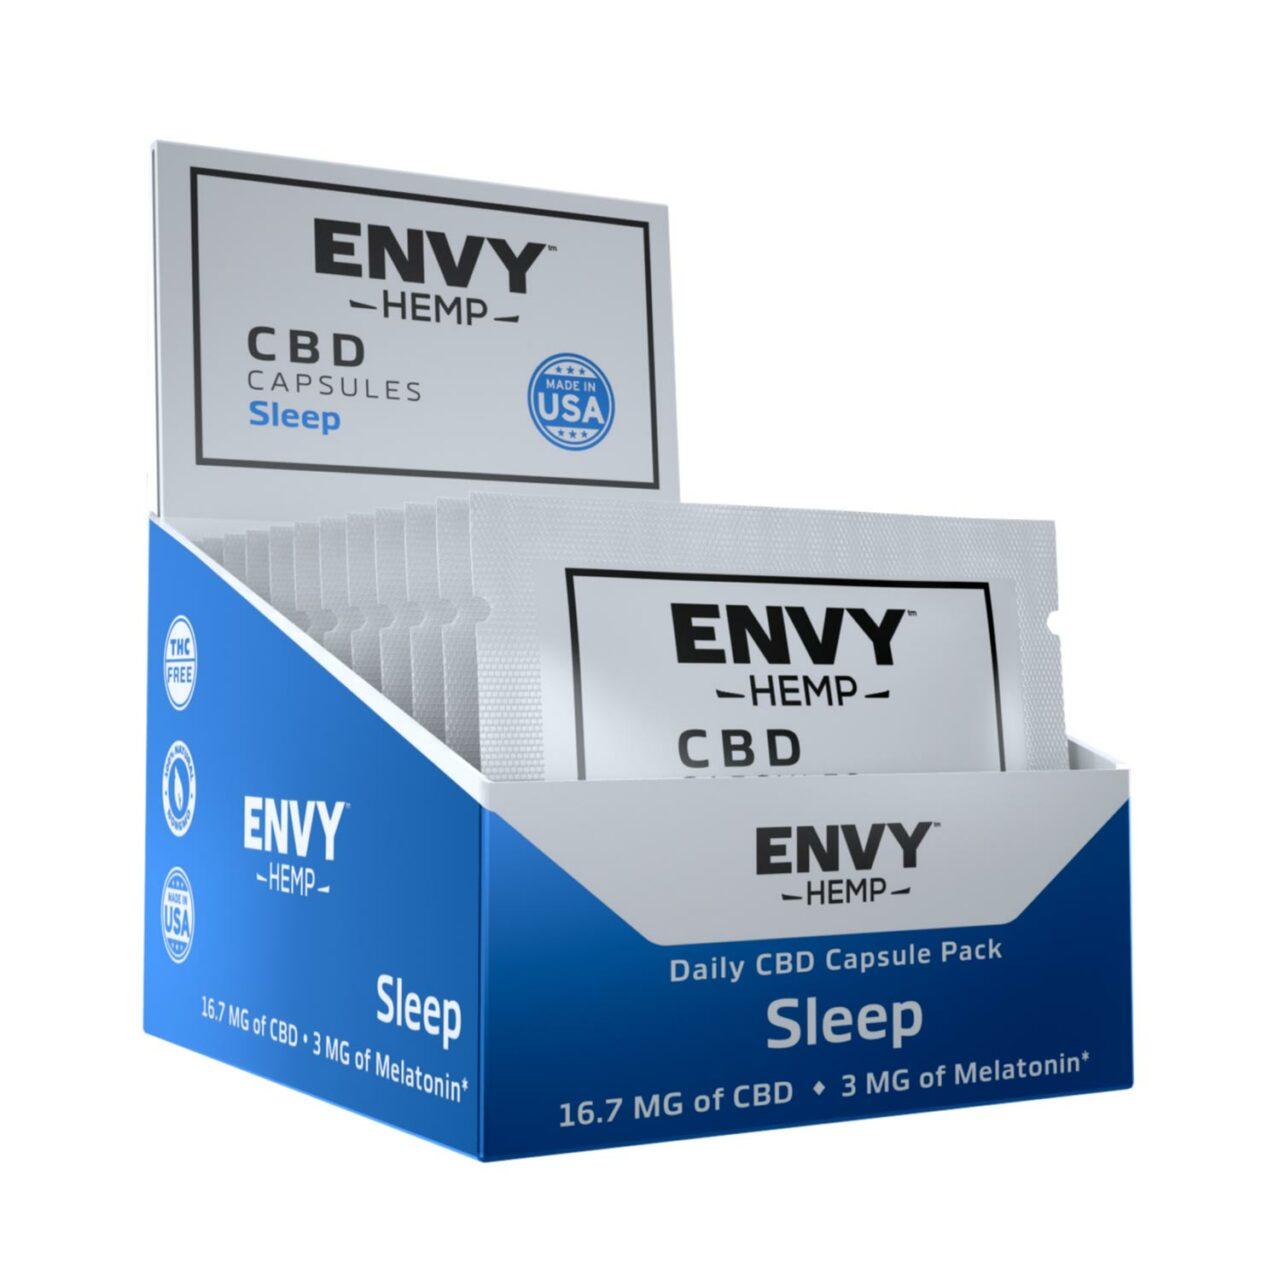 Envy0007